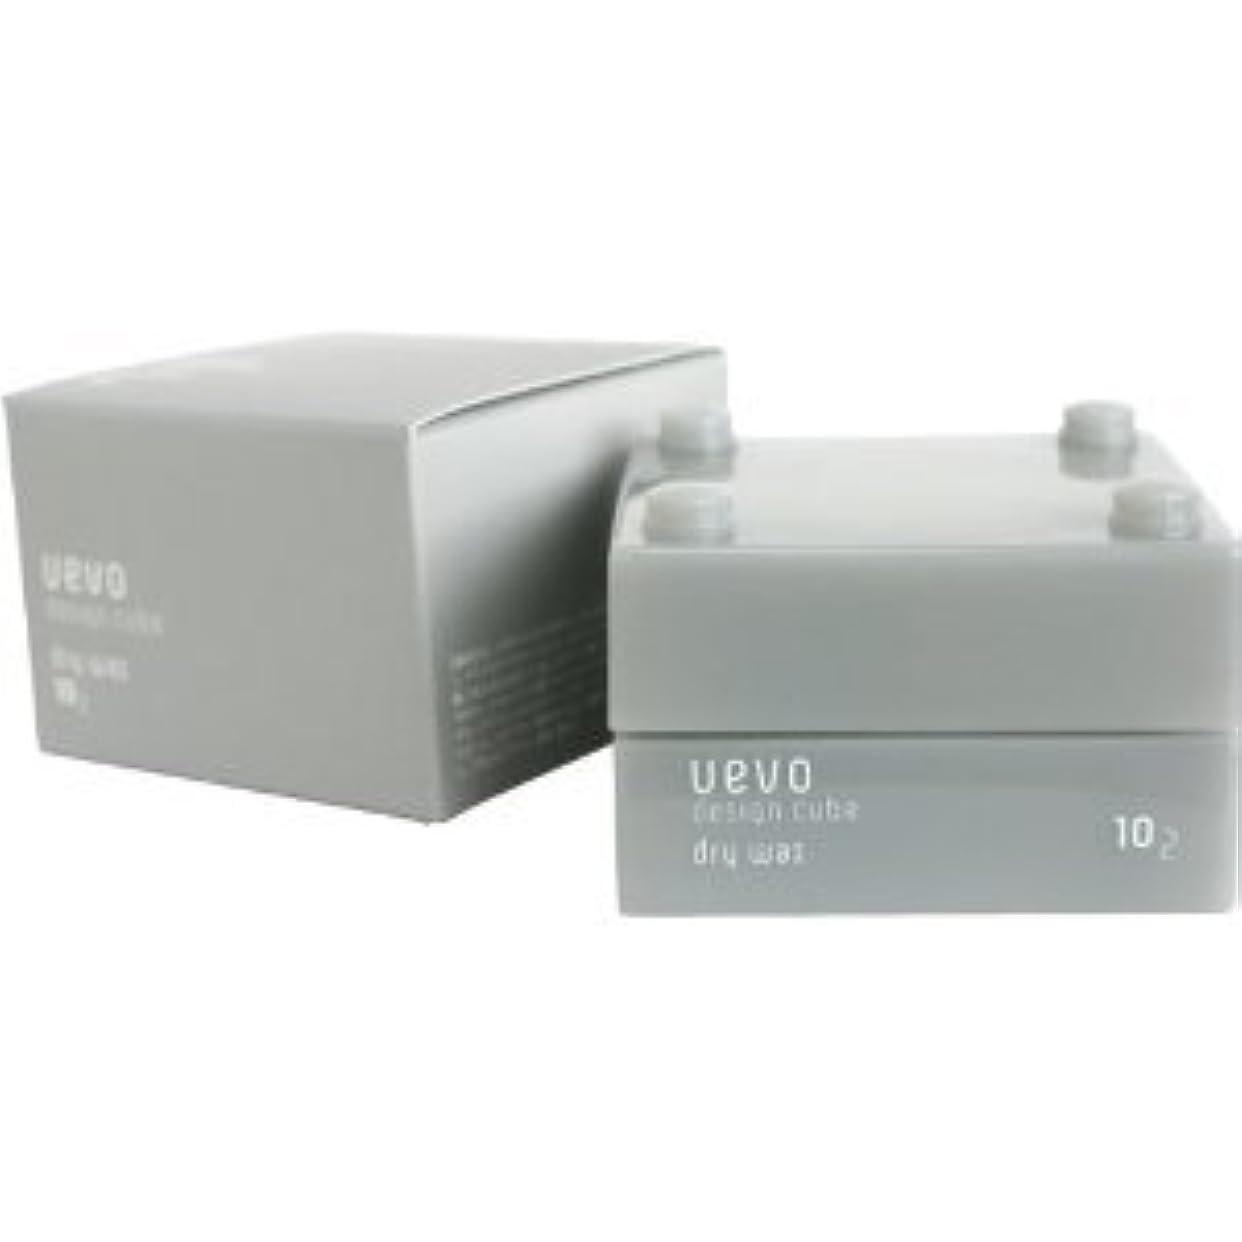 損なう惑星宣伝【X2個セット】 デミ ウェーボ デザインキューブ ドライワックス 30g dry wax DEMI uevo design cube